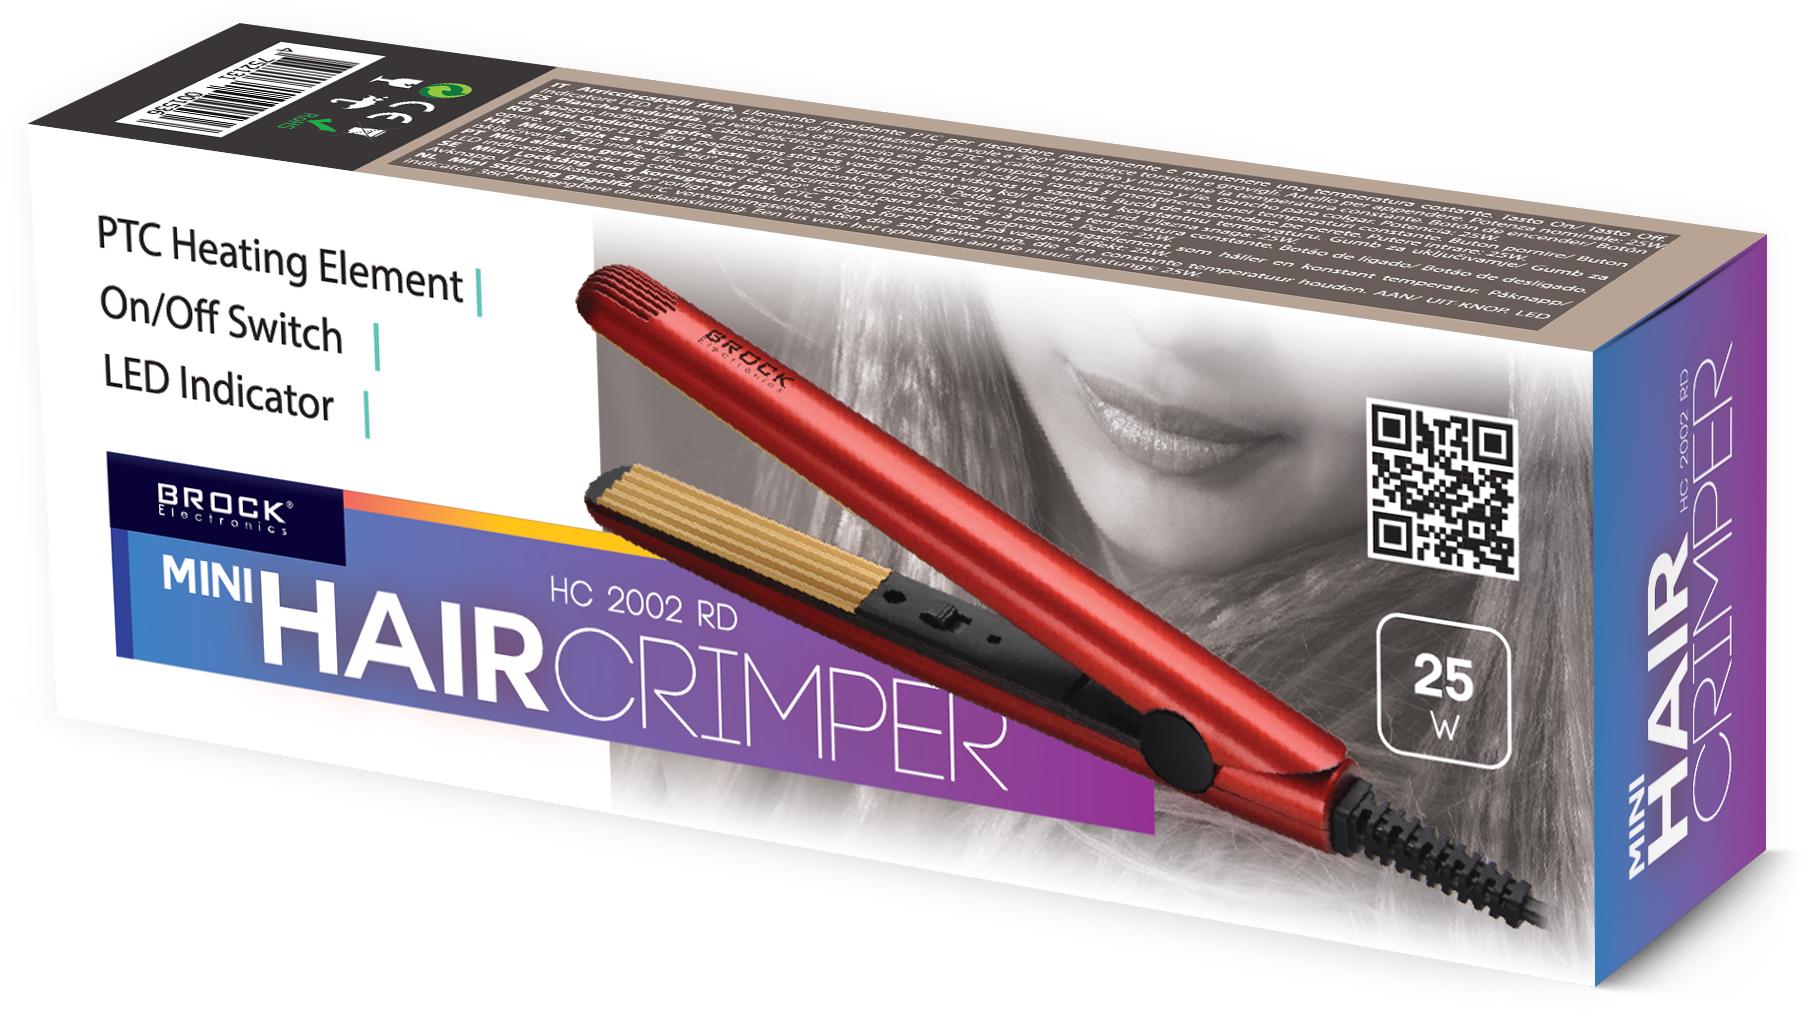 BROCK Mini matu gofrētājs, 25W HC 2002 RD Matu veidotājs